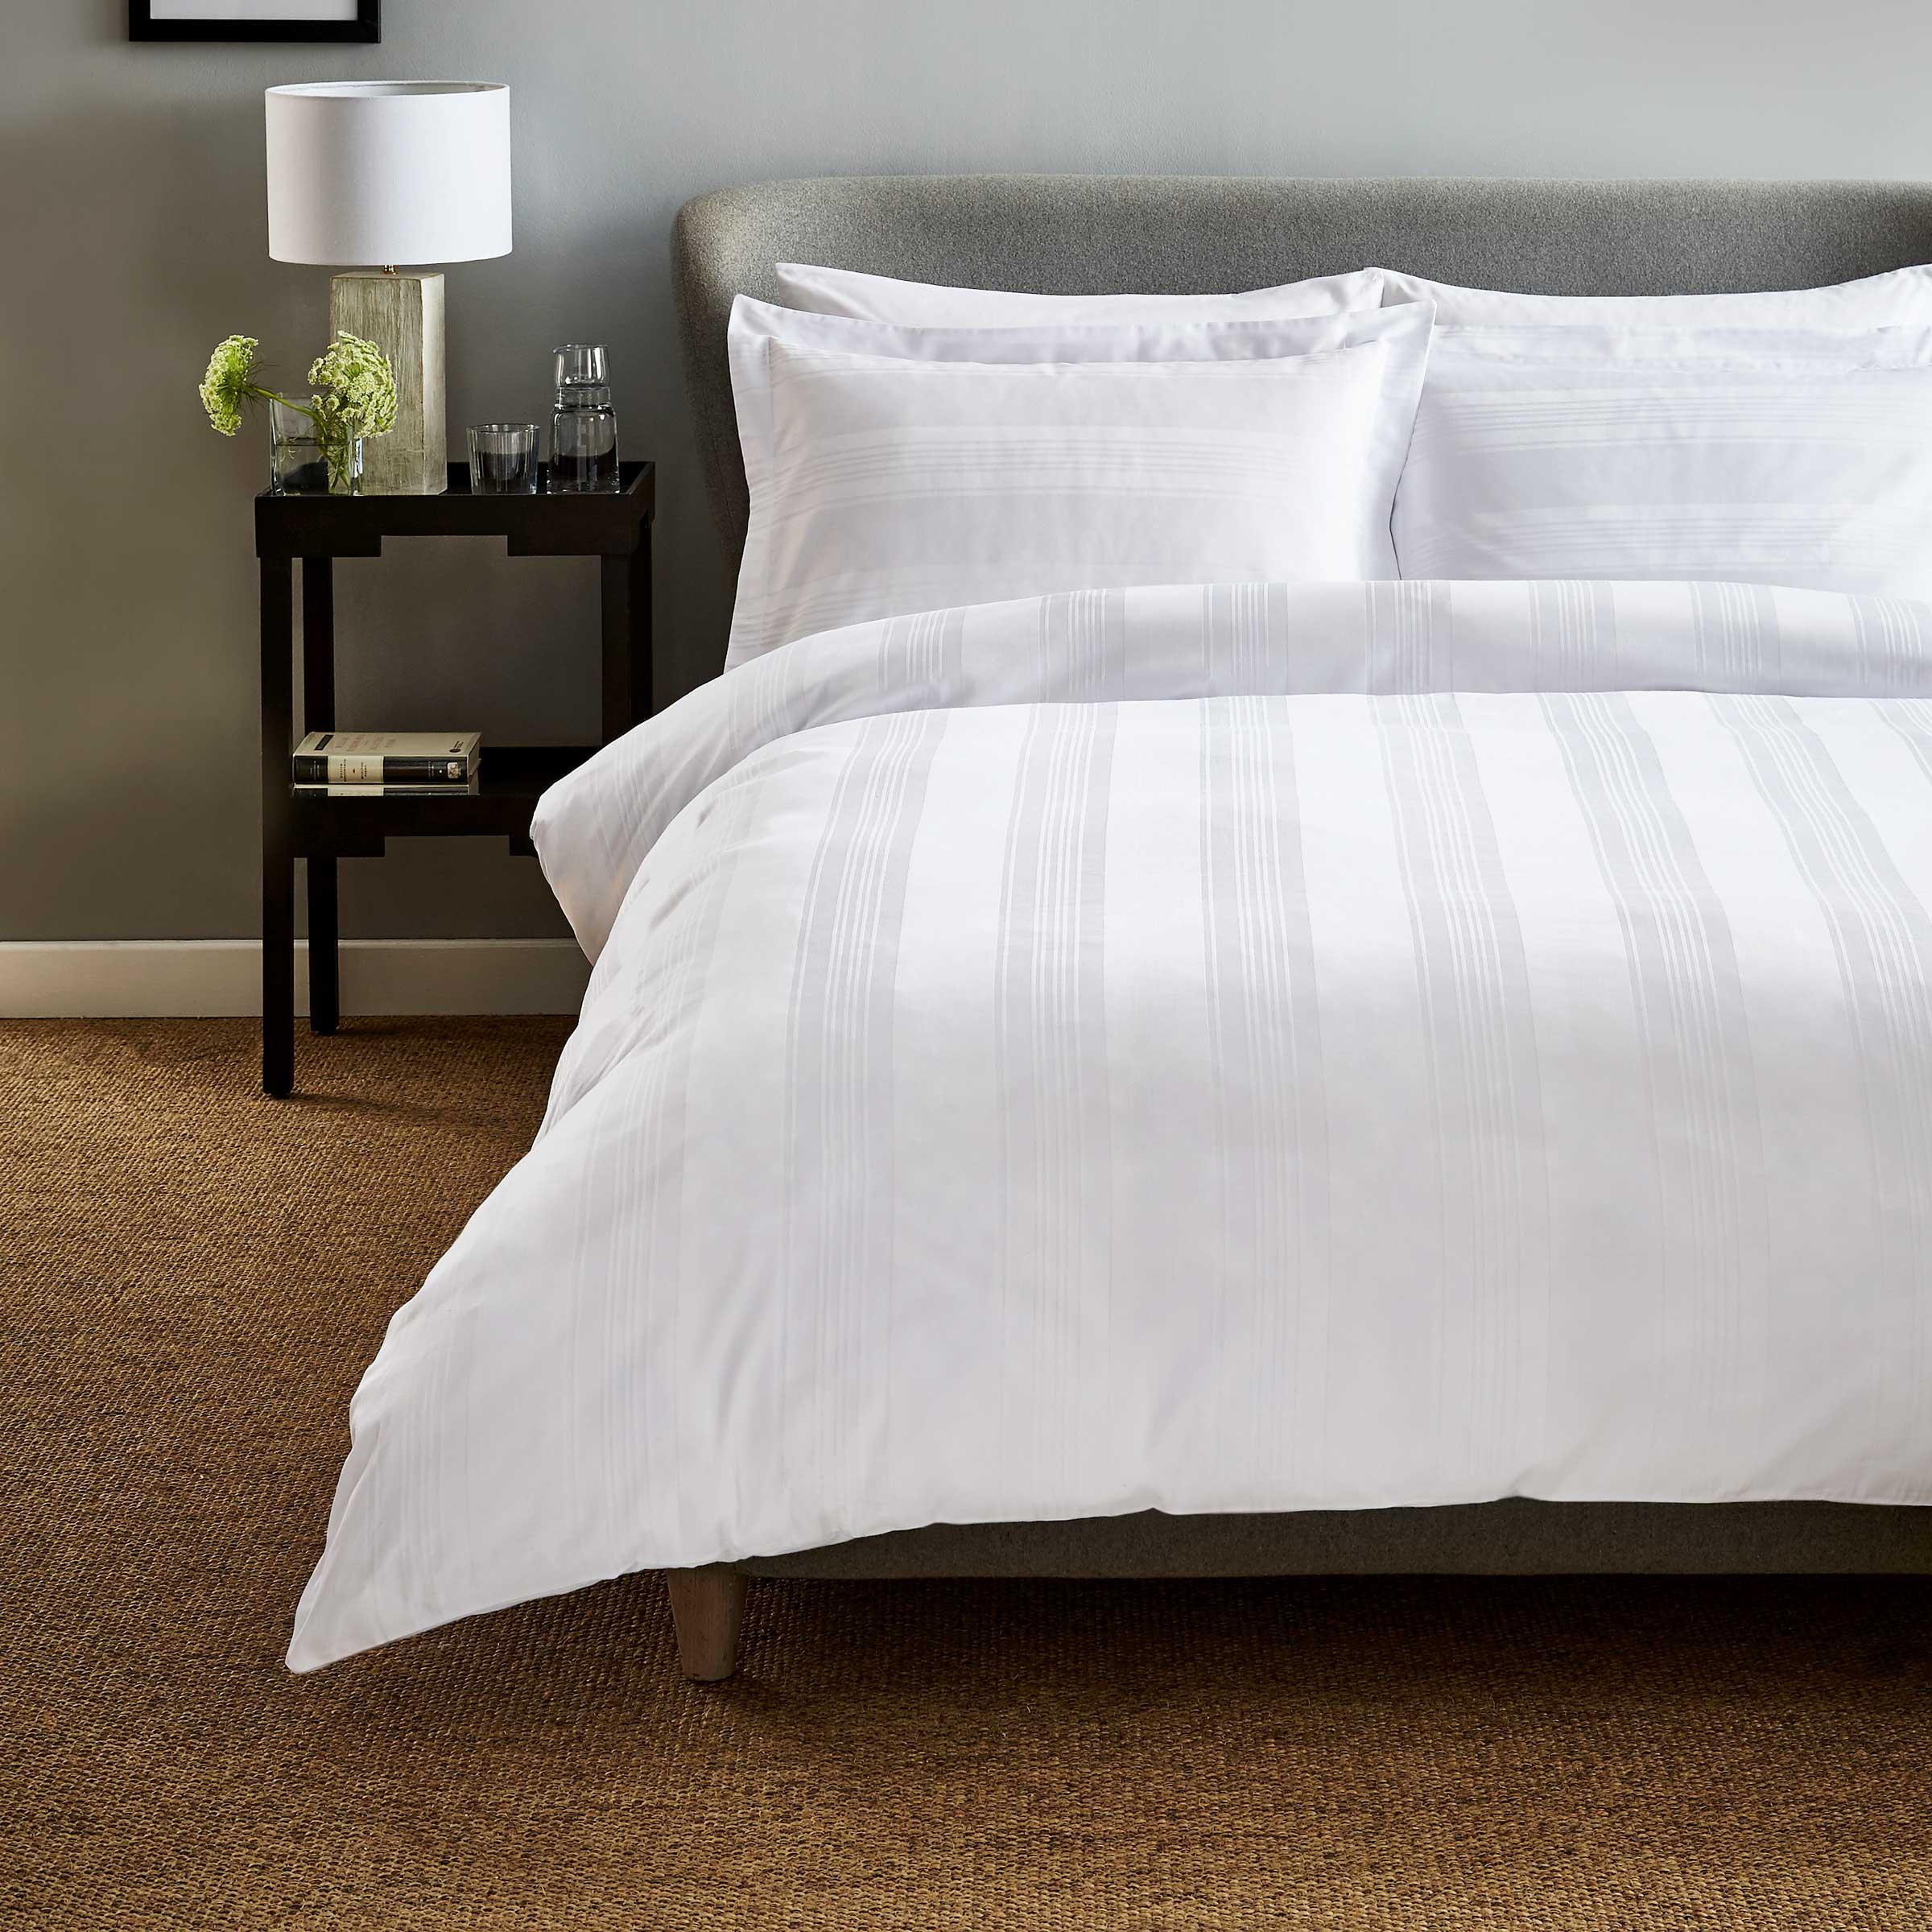 Hotel Bedding Empire Kingsize Duvet Cover White